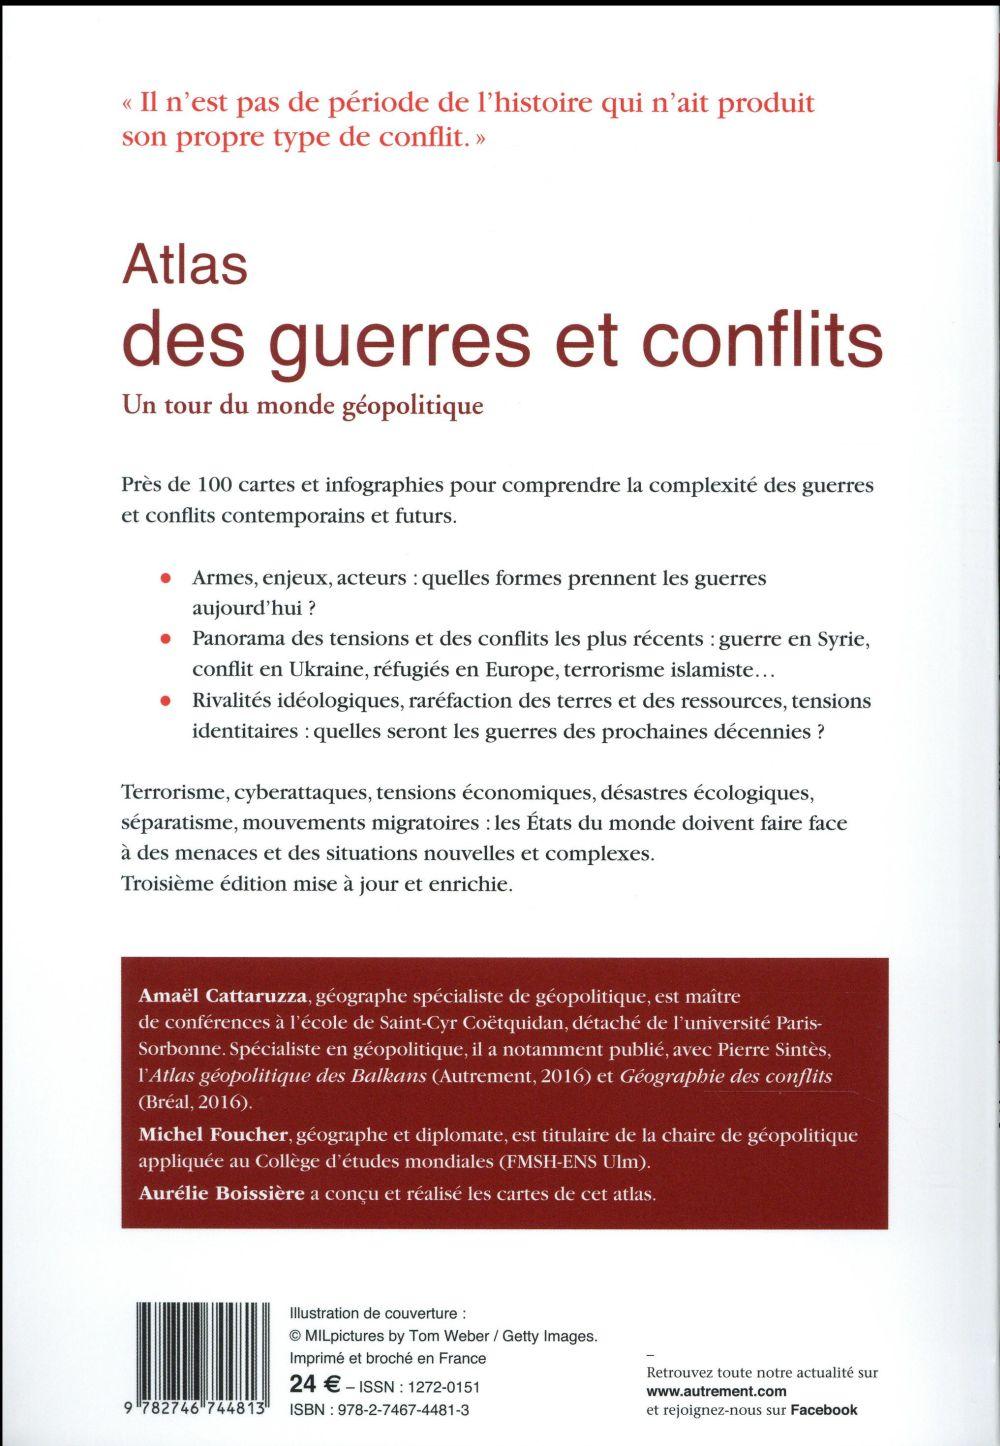 Atlas des guerres et conflits ; un tour du monde géopolitique (3e édition)